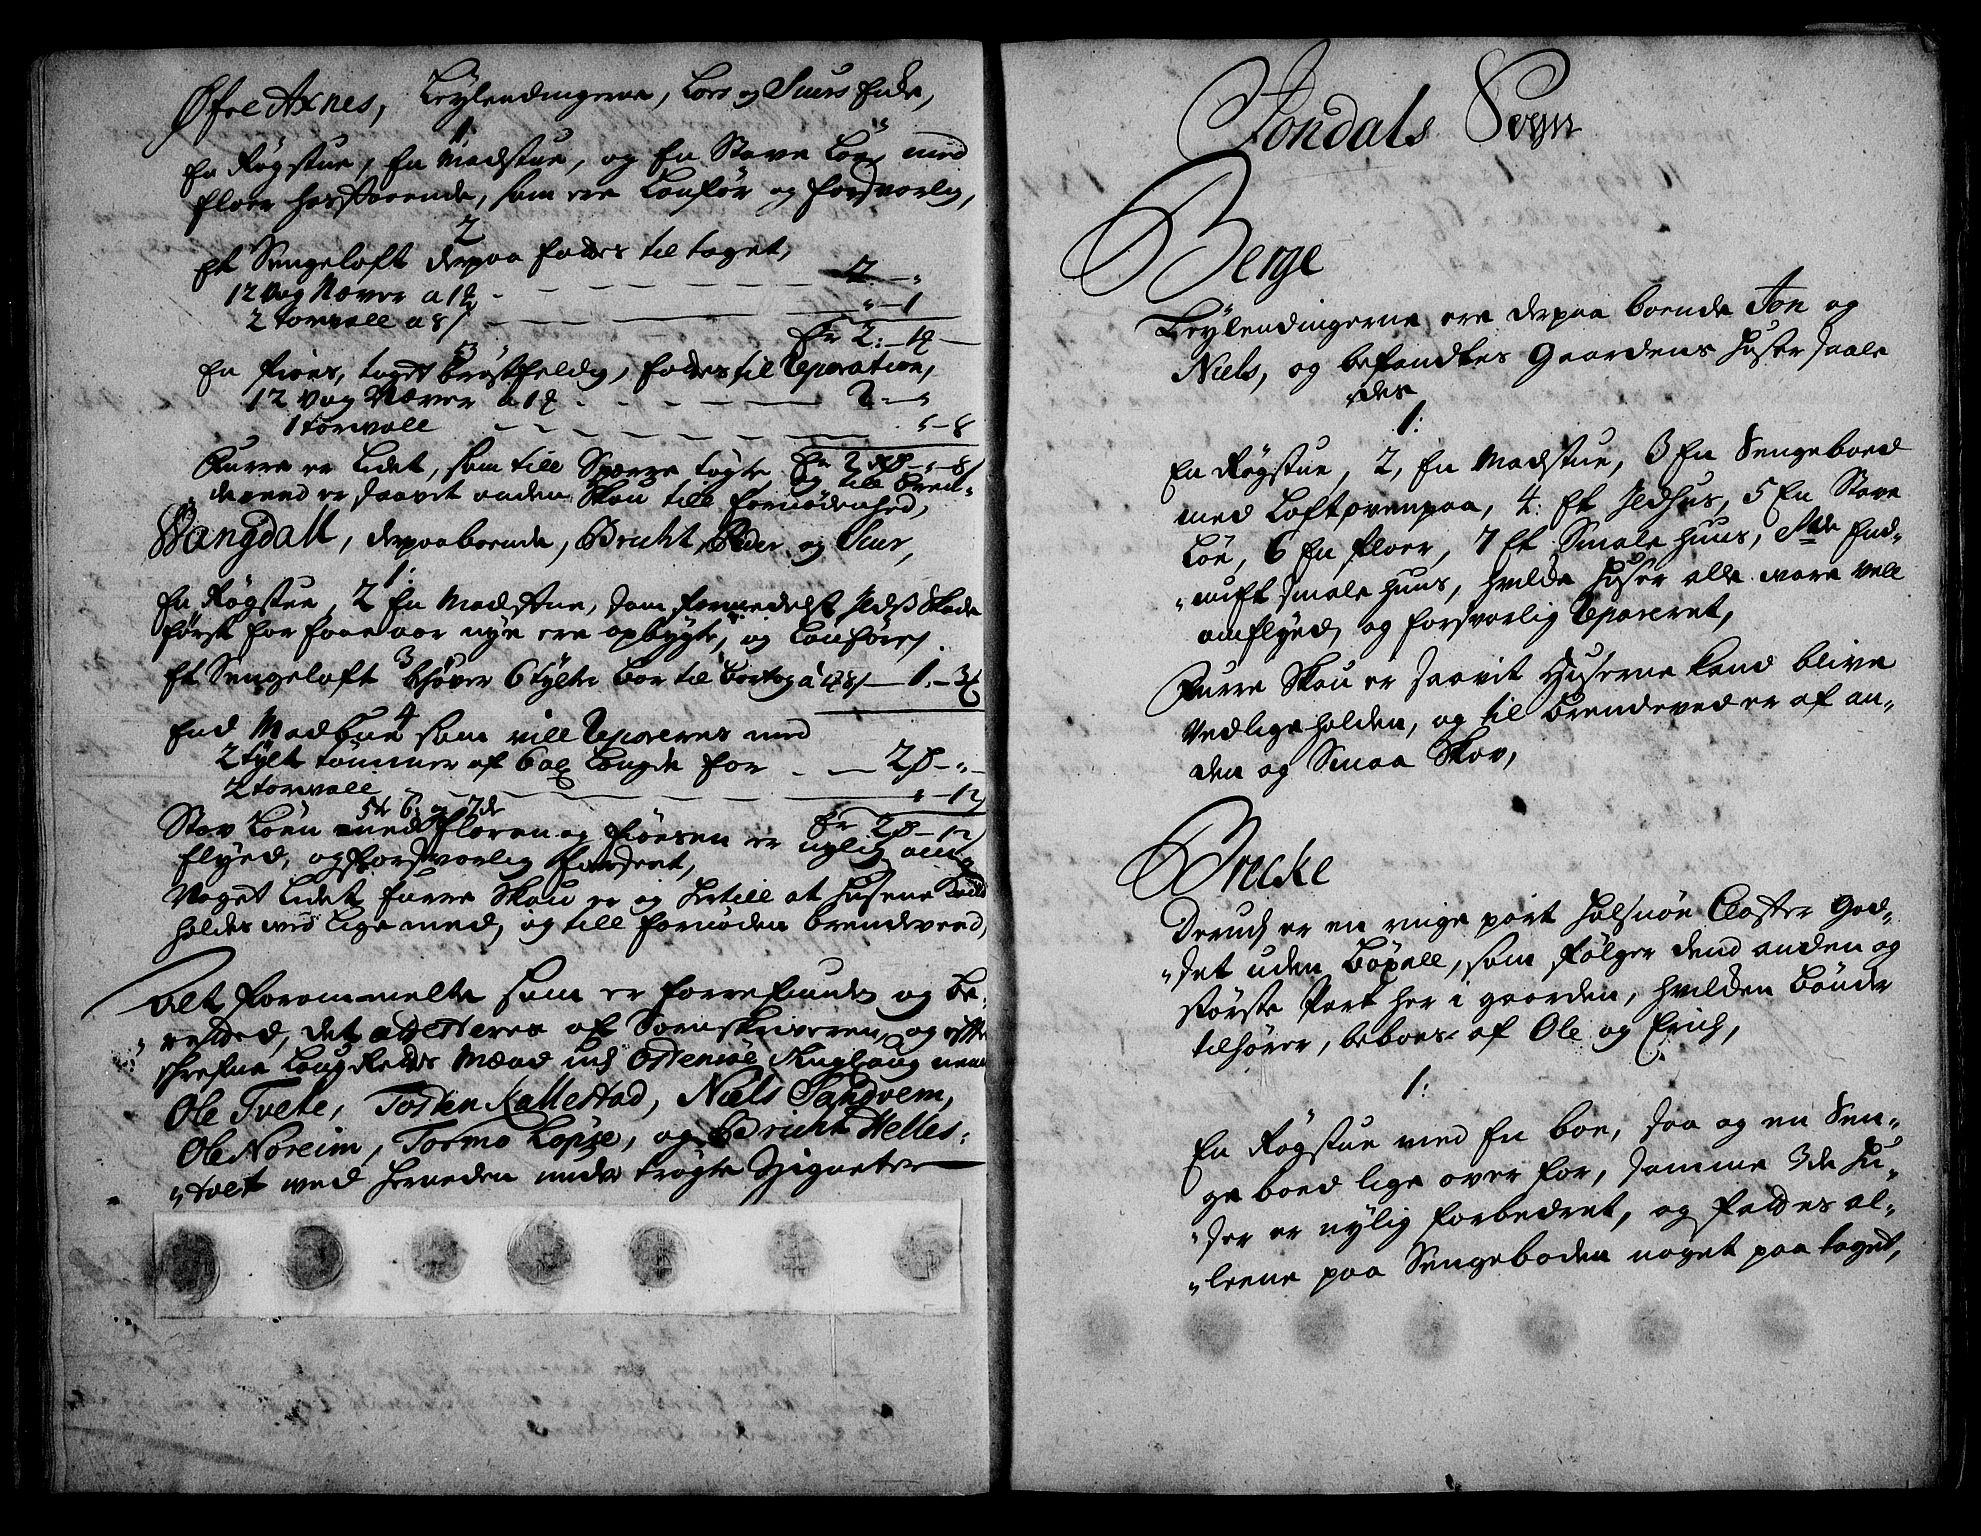 RA, Rentekammeret inntil 1814, Realistisk ordnet avdeling, On/L0003: [Jj 4]: Kommisjonsforretning over Vilhelm Hanssøns forpaktning av Halsnøy klosters gods, 1721-1729, s. 94